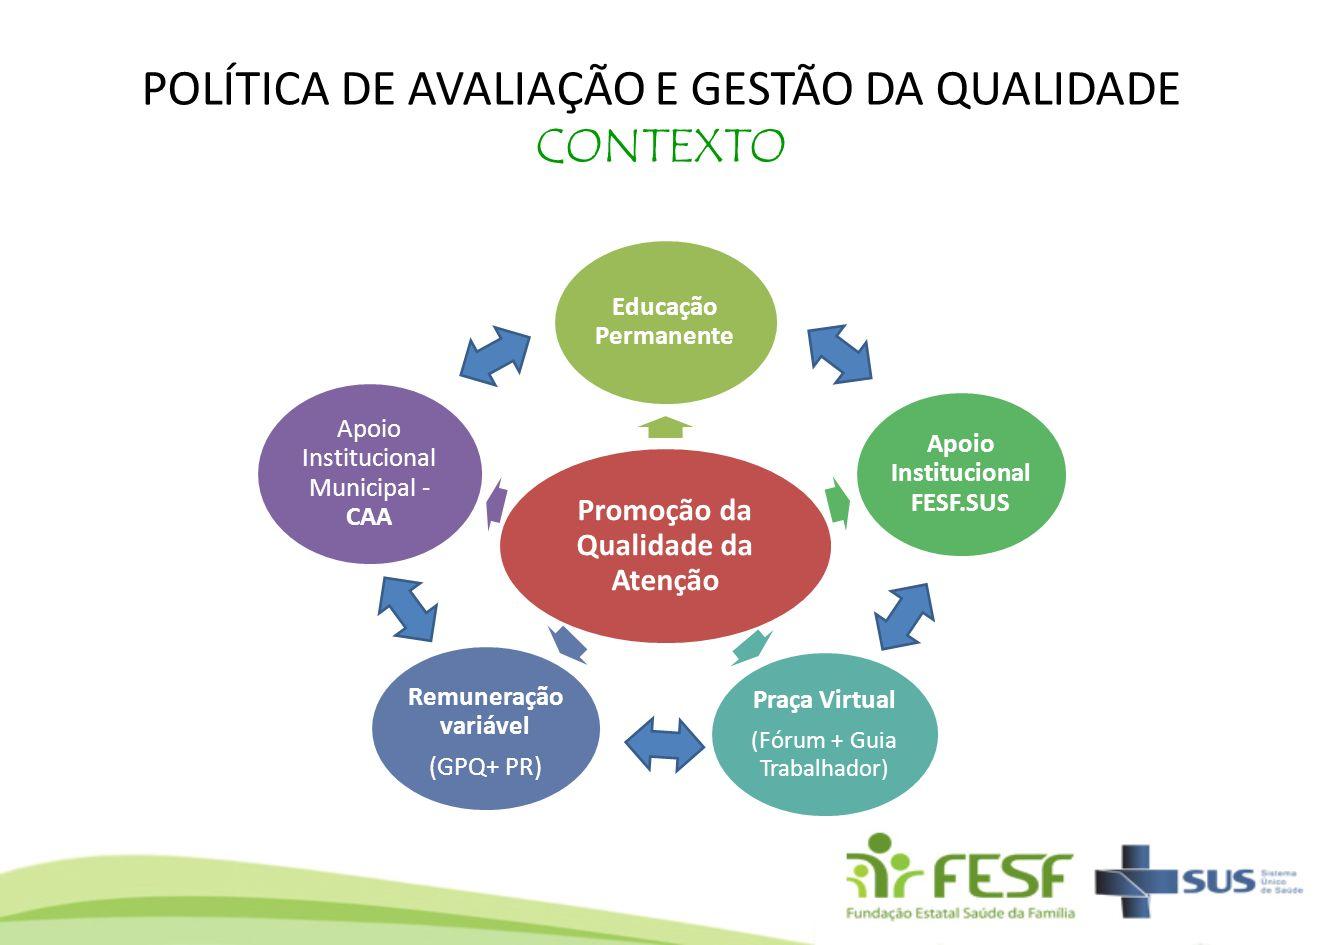 POLÍTICA DE AVALIAÇÃO E GESTÃO DA QUALIDADE CONTEXTO Promoção da Qualidade da Atenção Educação Permanente Apoio Institucional FESF.SUS Praça Virtual (